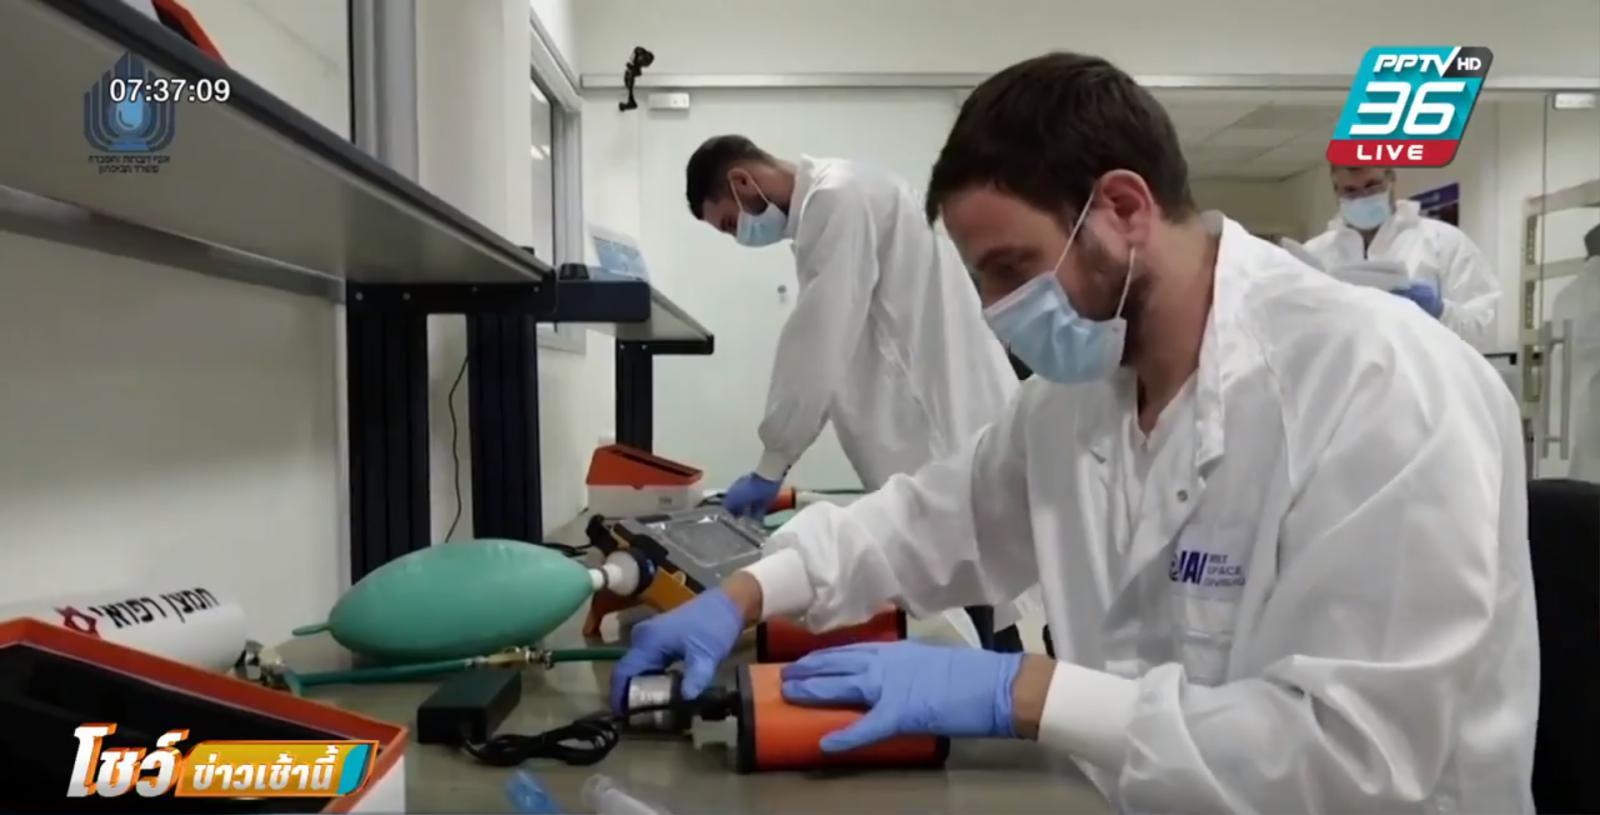 อิสราเอล ใช้โรงงานขีปนาวุธผลิตเครื่องช่วยหายใจ รองรับผู้ป่วยโควิด-19